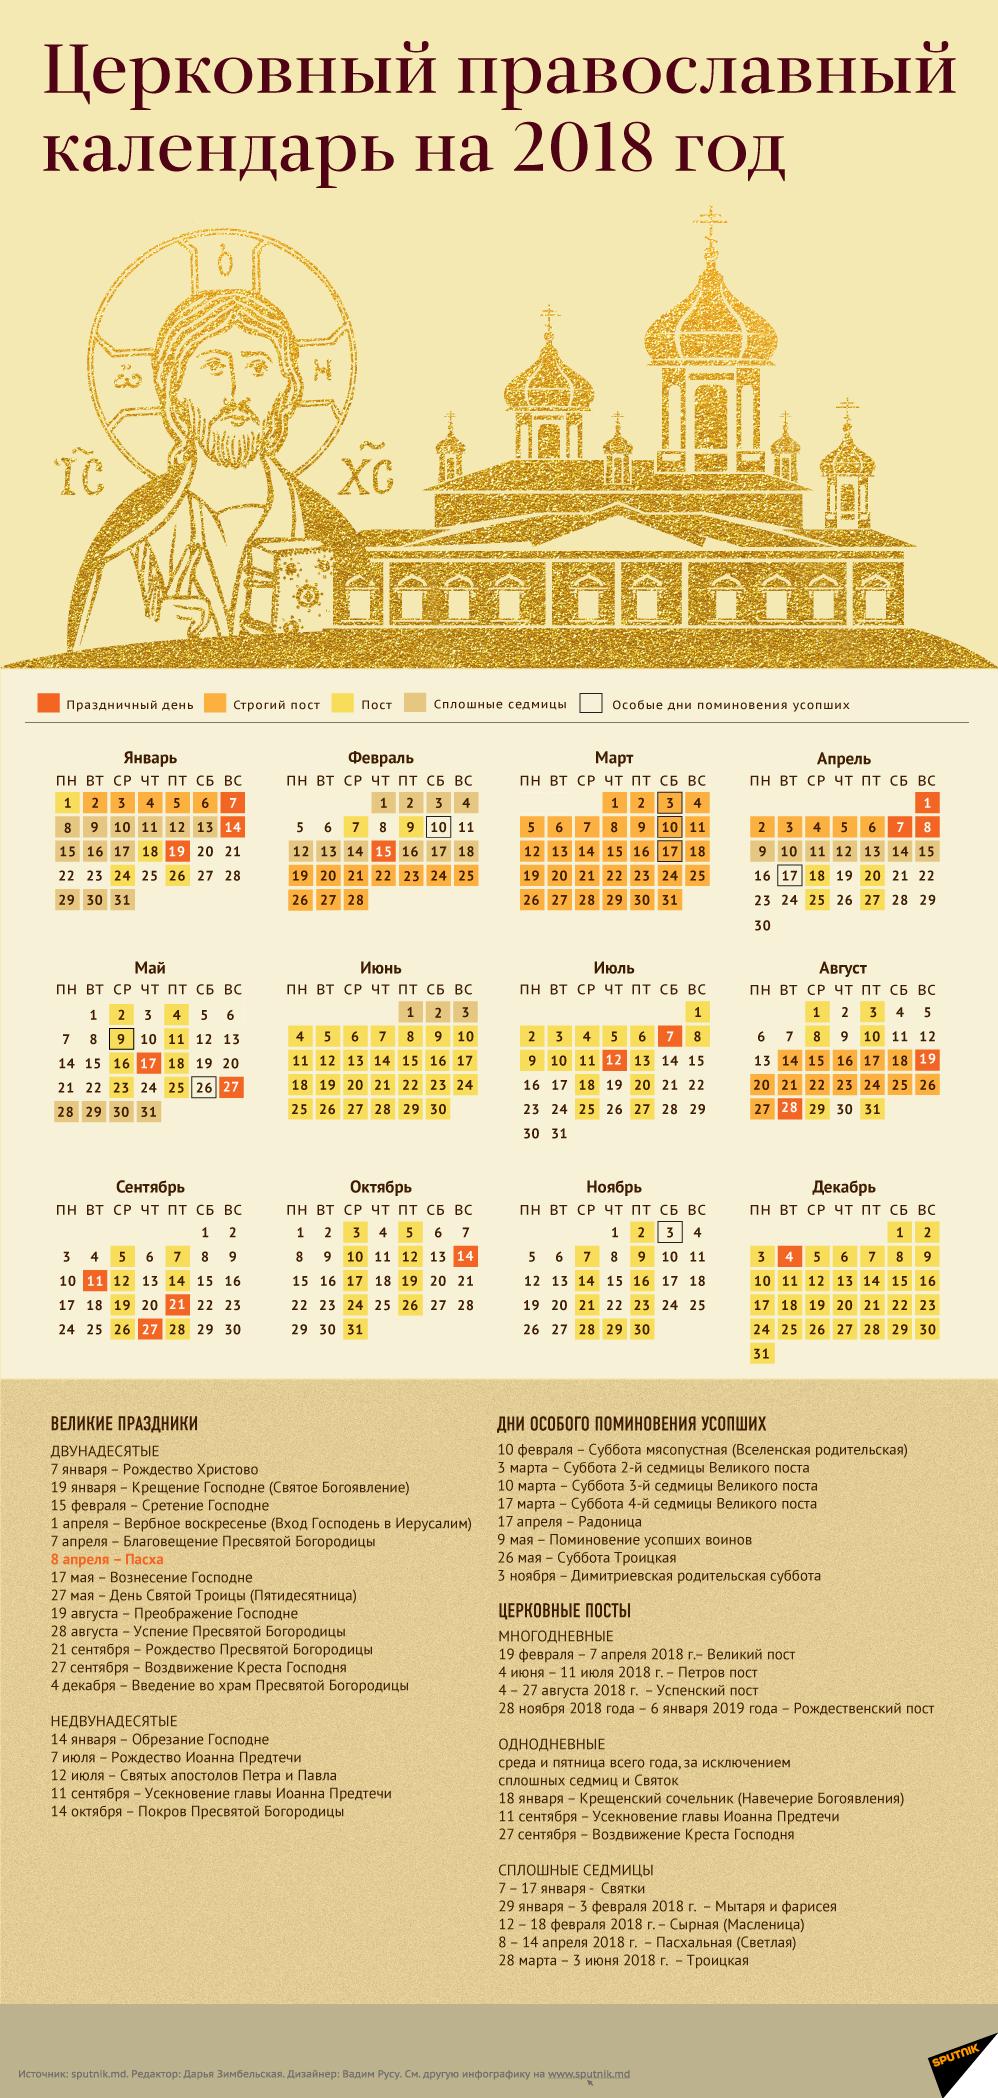 Праздники в октябре 2018 года: церковный православный календарь праздничных дней